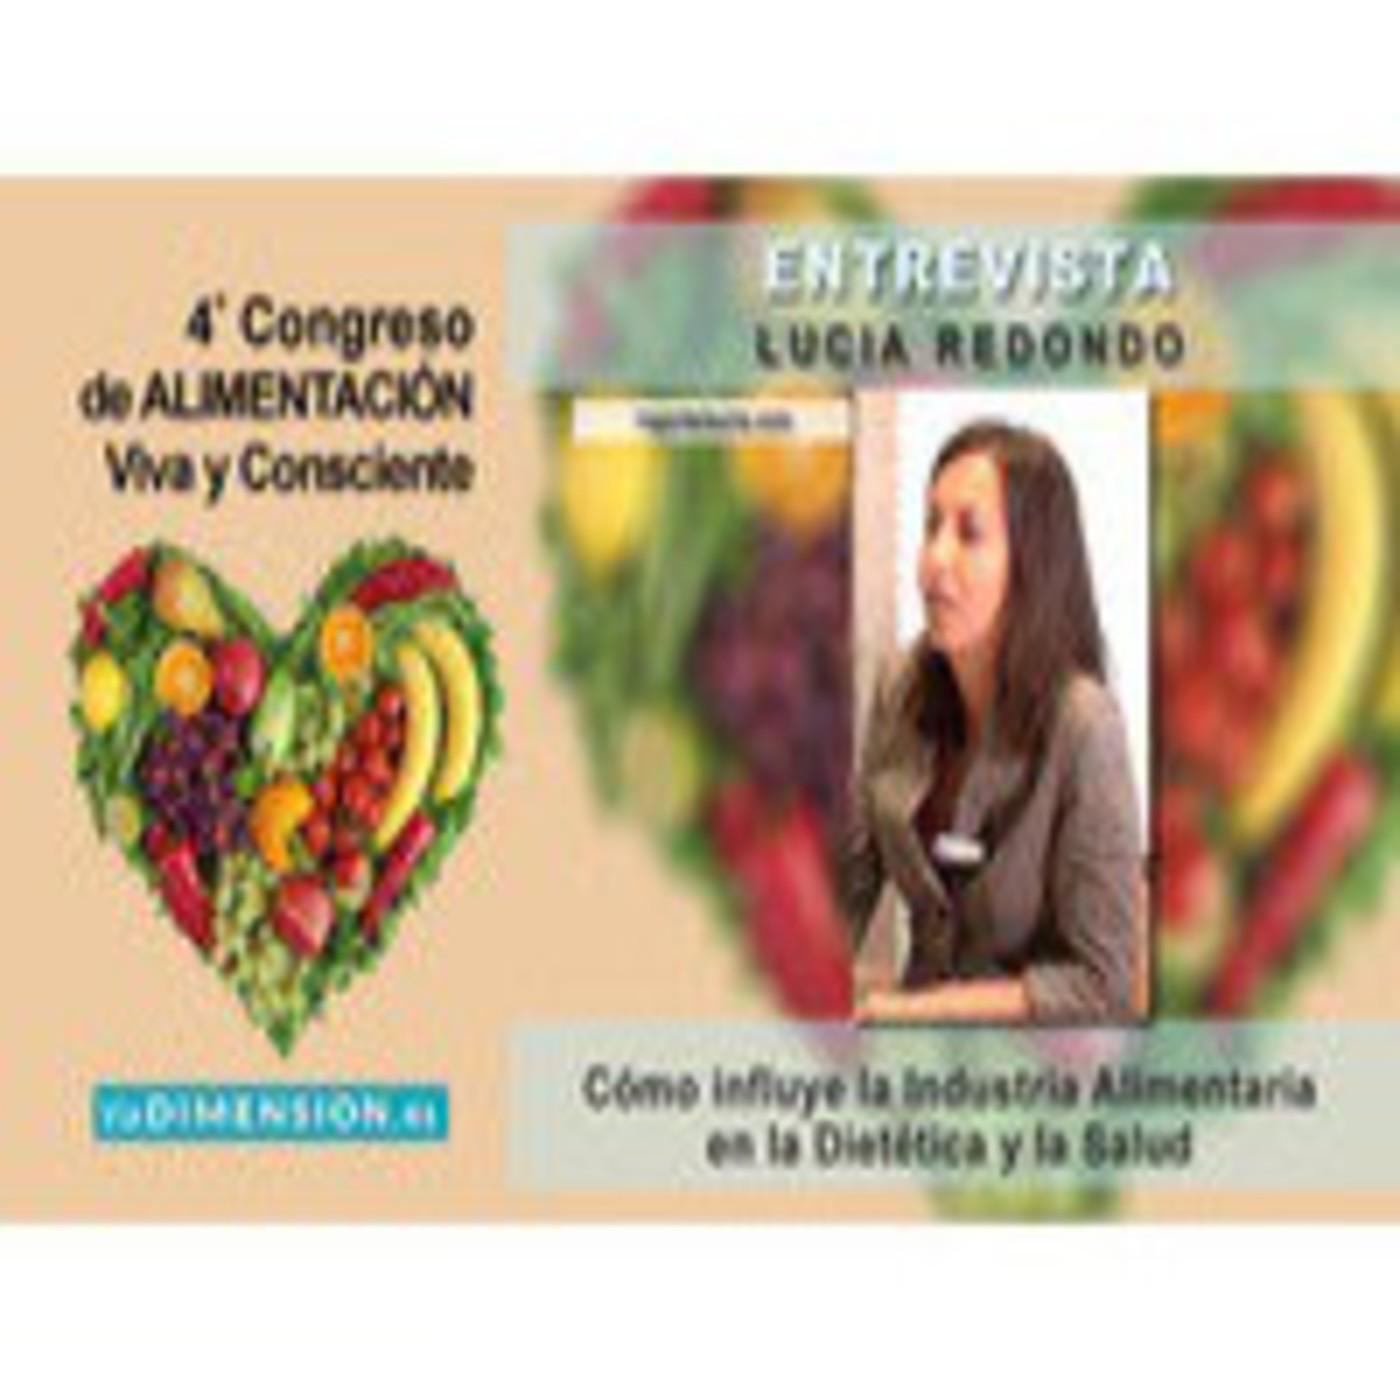 Cómo influye la Industria Alimentaria en la Dietética y la Salud - Entrevista a Lucía Redondo